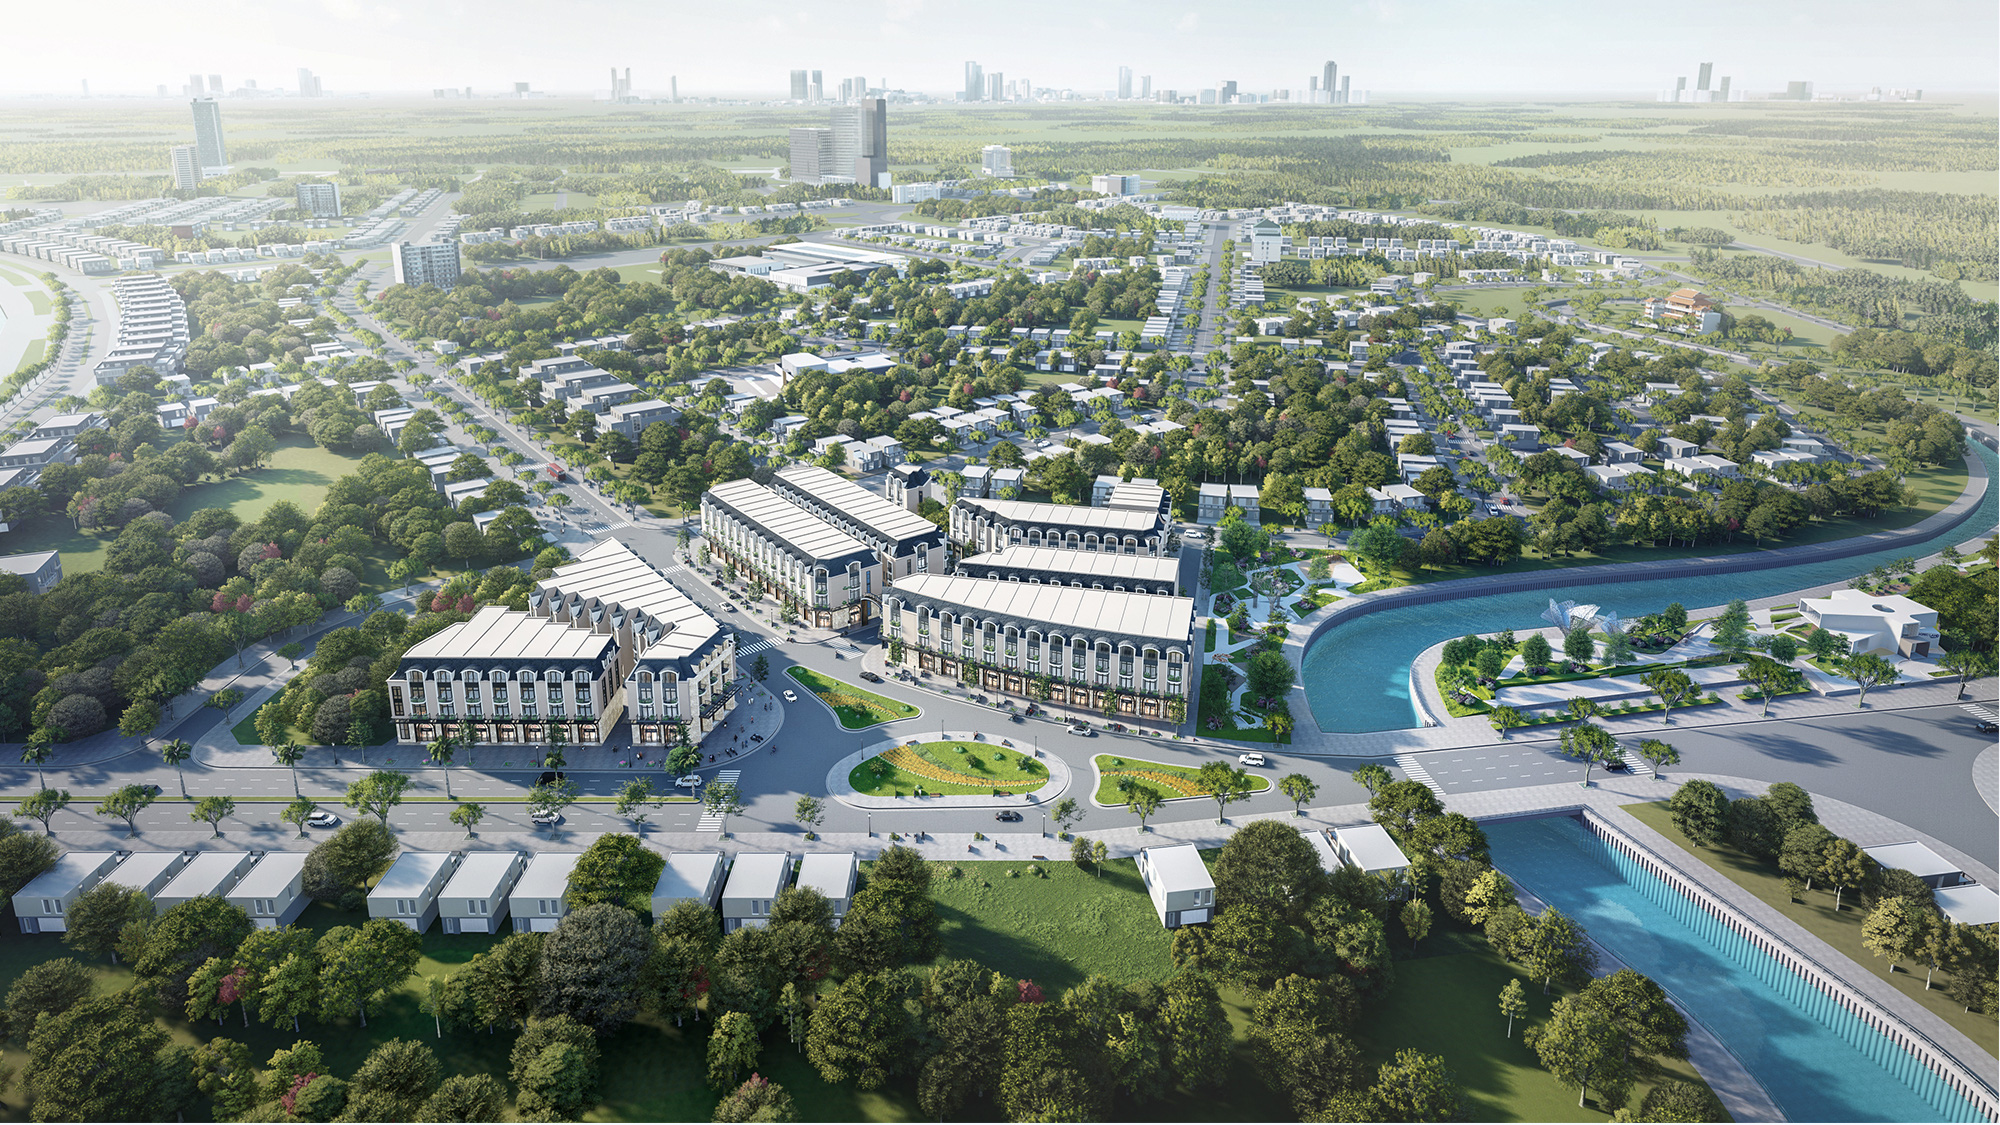 Gotec Land - Đề ra chiến lược nhà phát triển bất động sản mang đến giá trị bền vững - Ảnh 15.